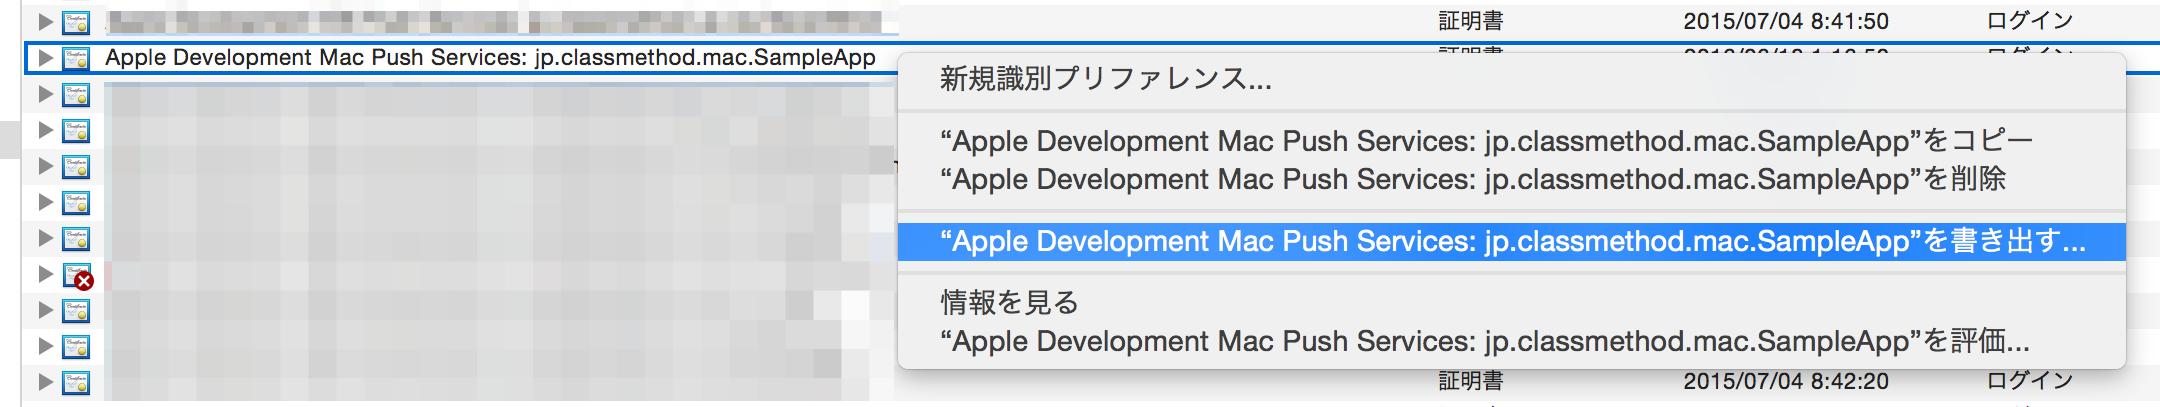 push-to-mac17